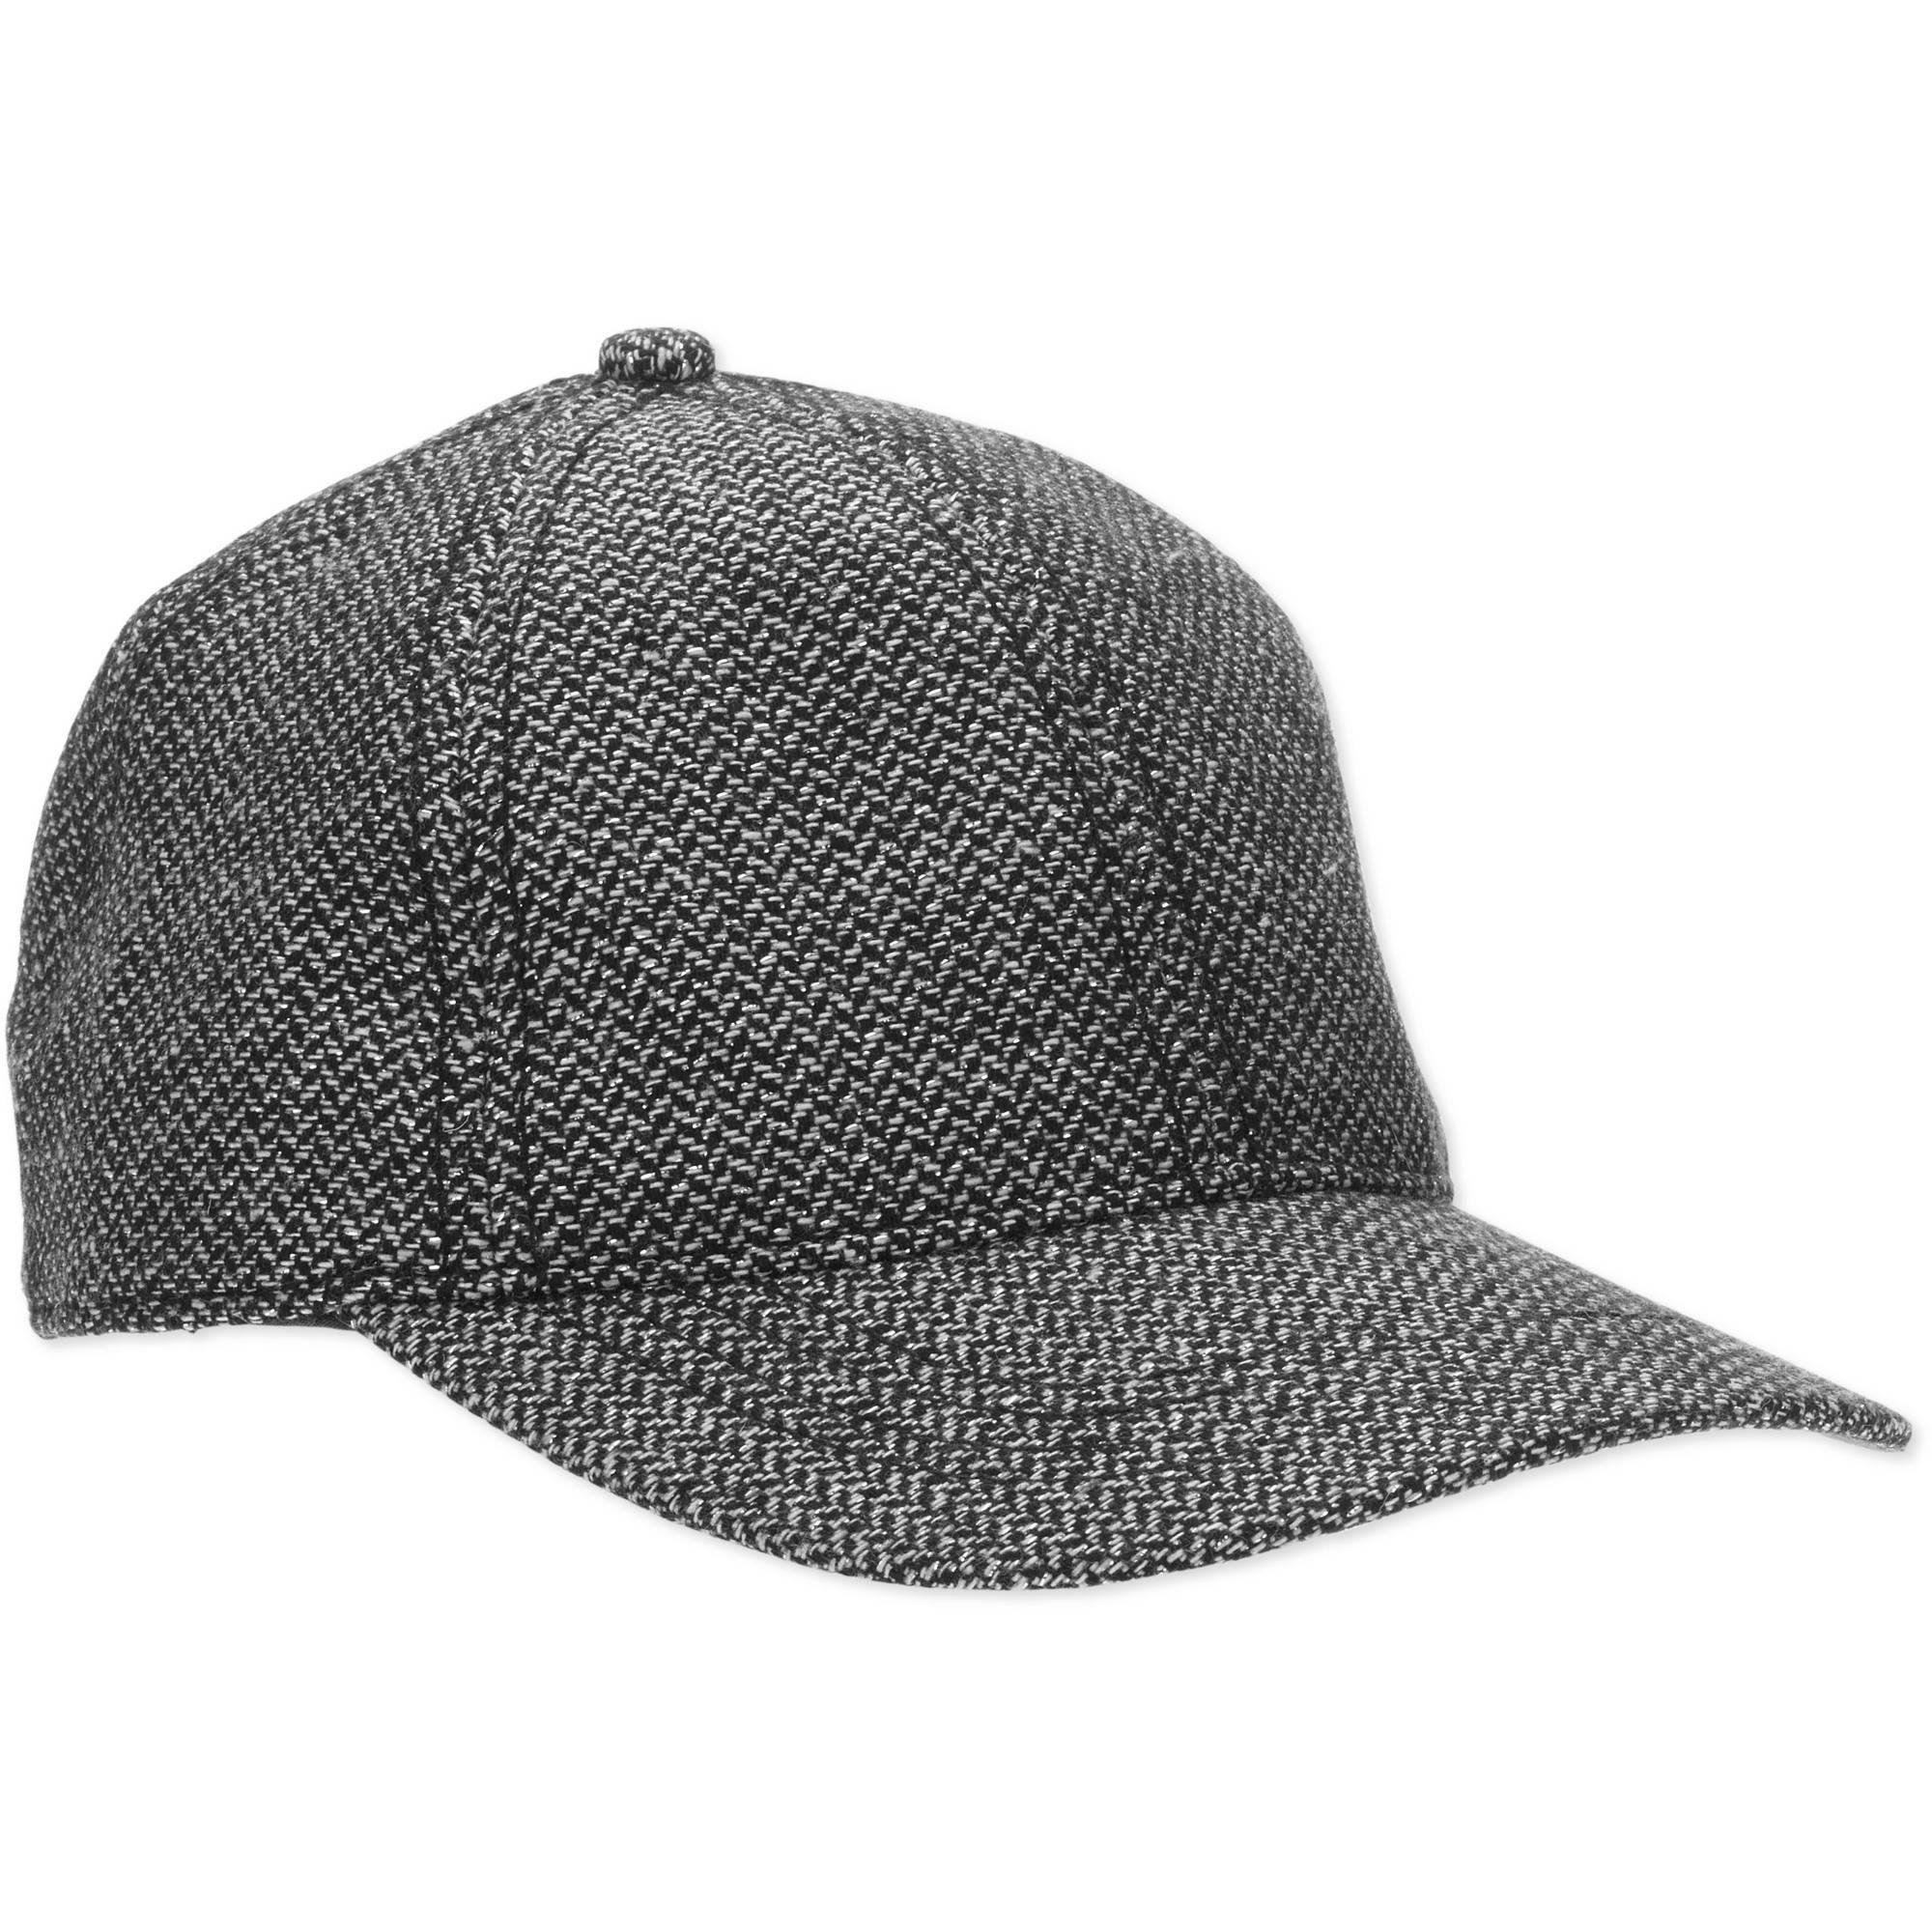 Faded Glory Women's Fashion Baseball Hat